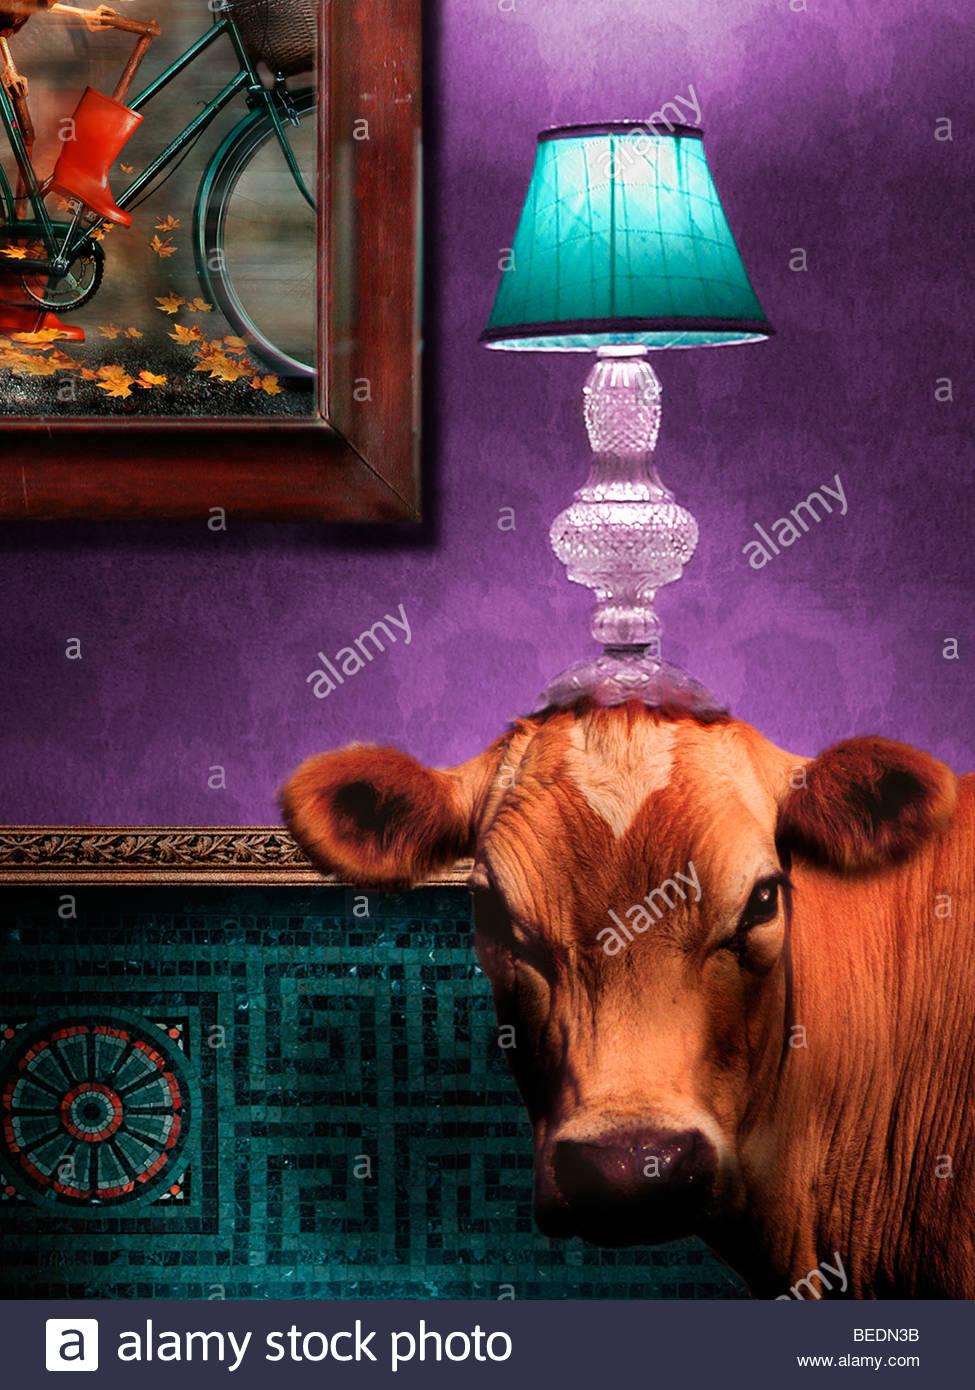 Vache dans un salon avec une lampe sur la tête Photo Stock